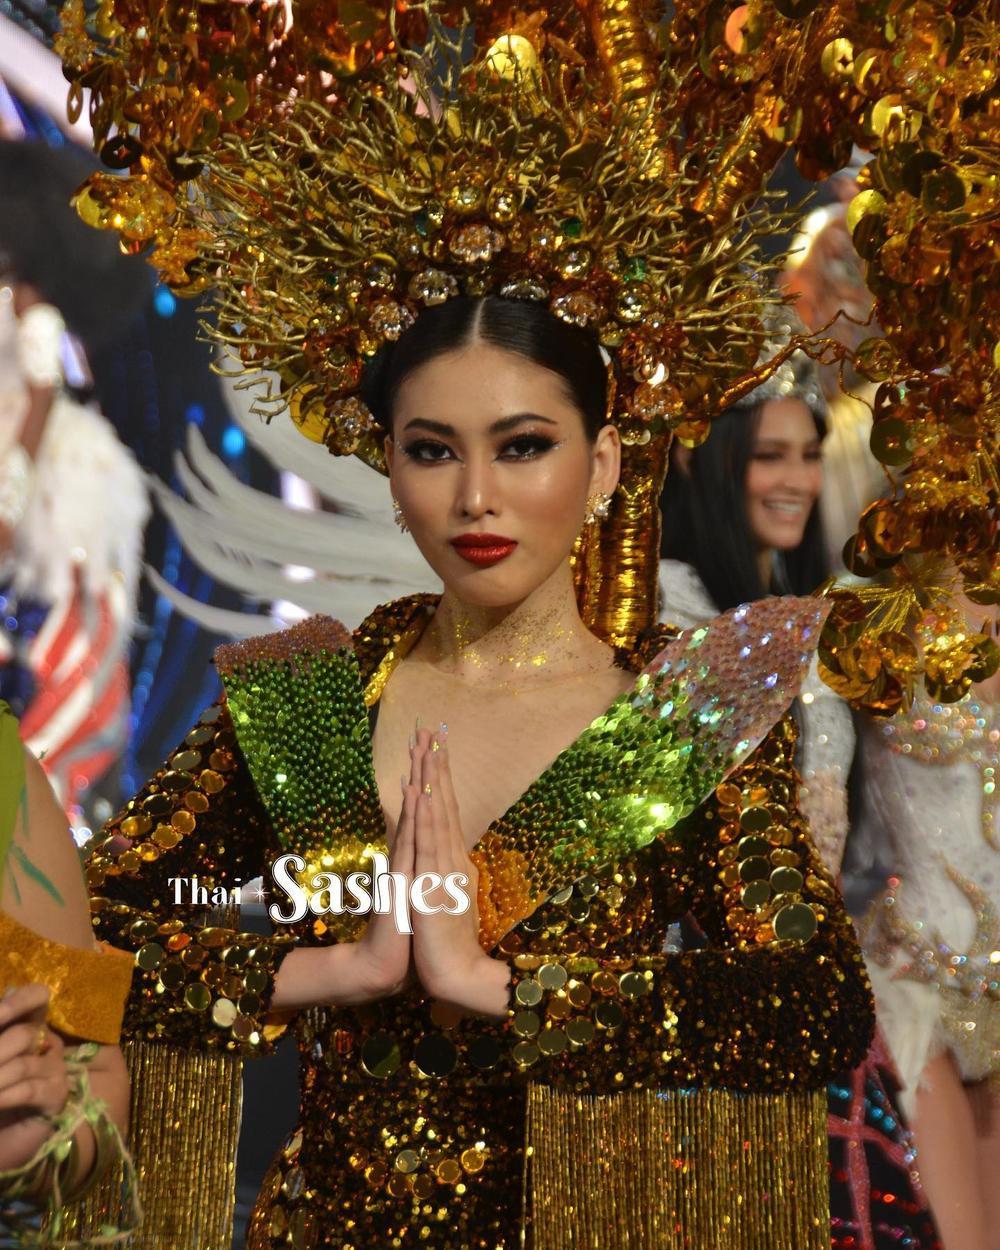 Ngọc Thảo xếp hạng 2 tổng bình chọn tiến thẳng Top 10, BGK 'cứu' luôn vào Top 5 Best National Costume Ảnh 3